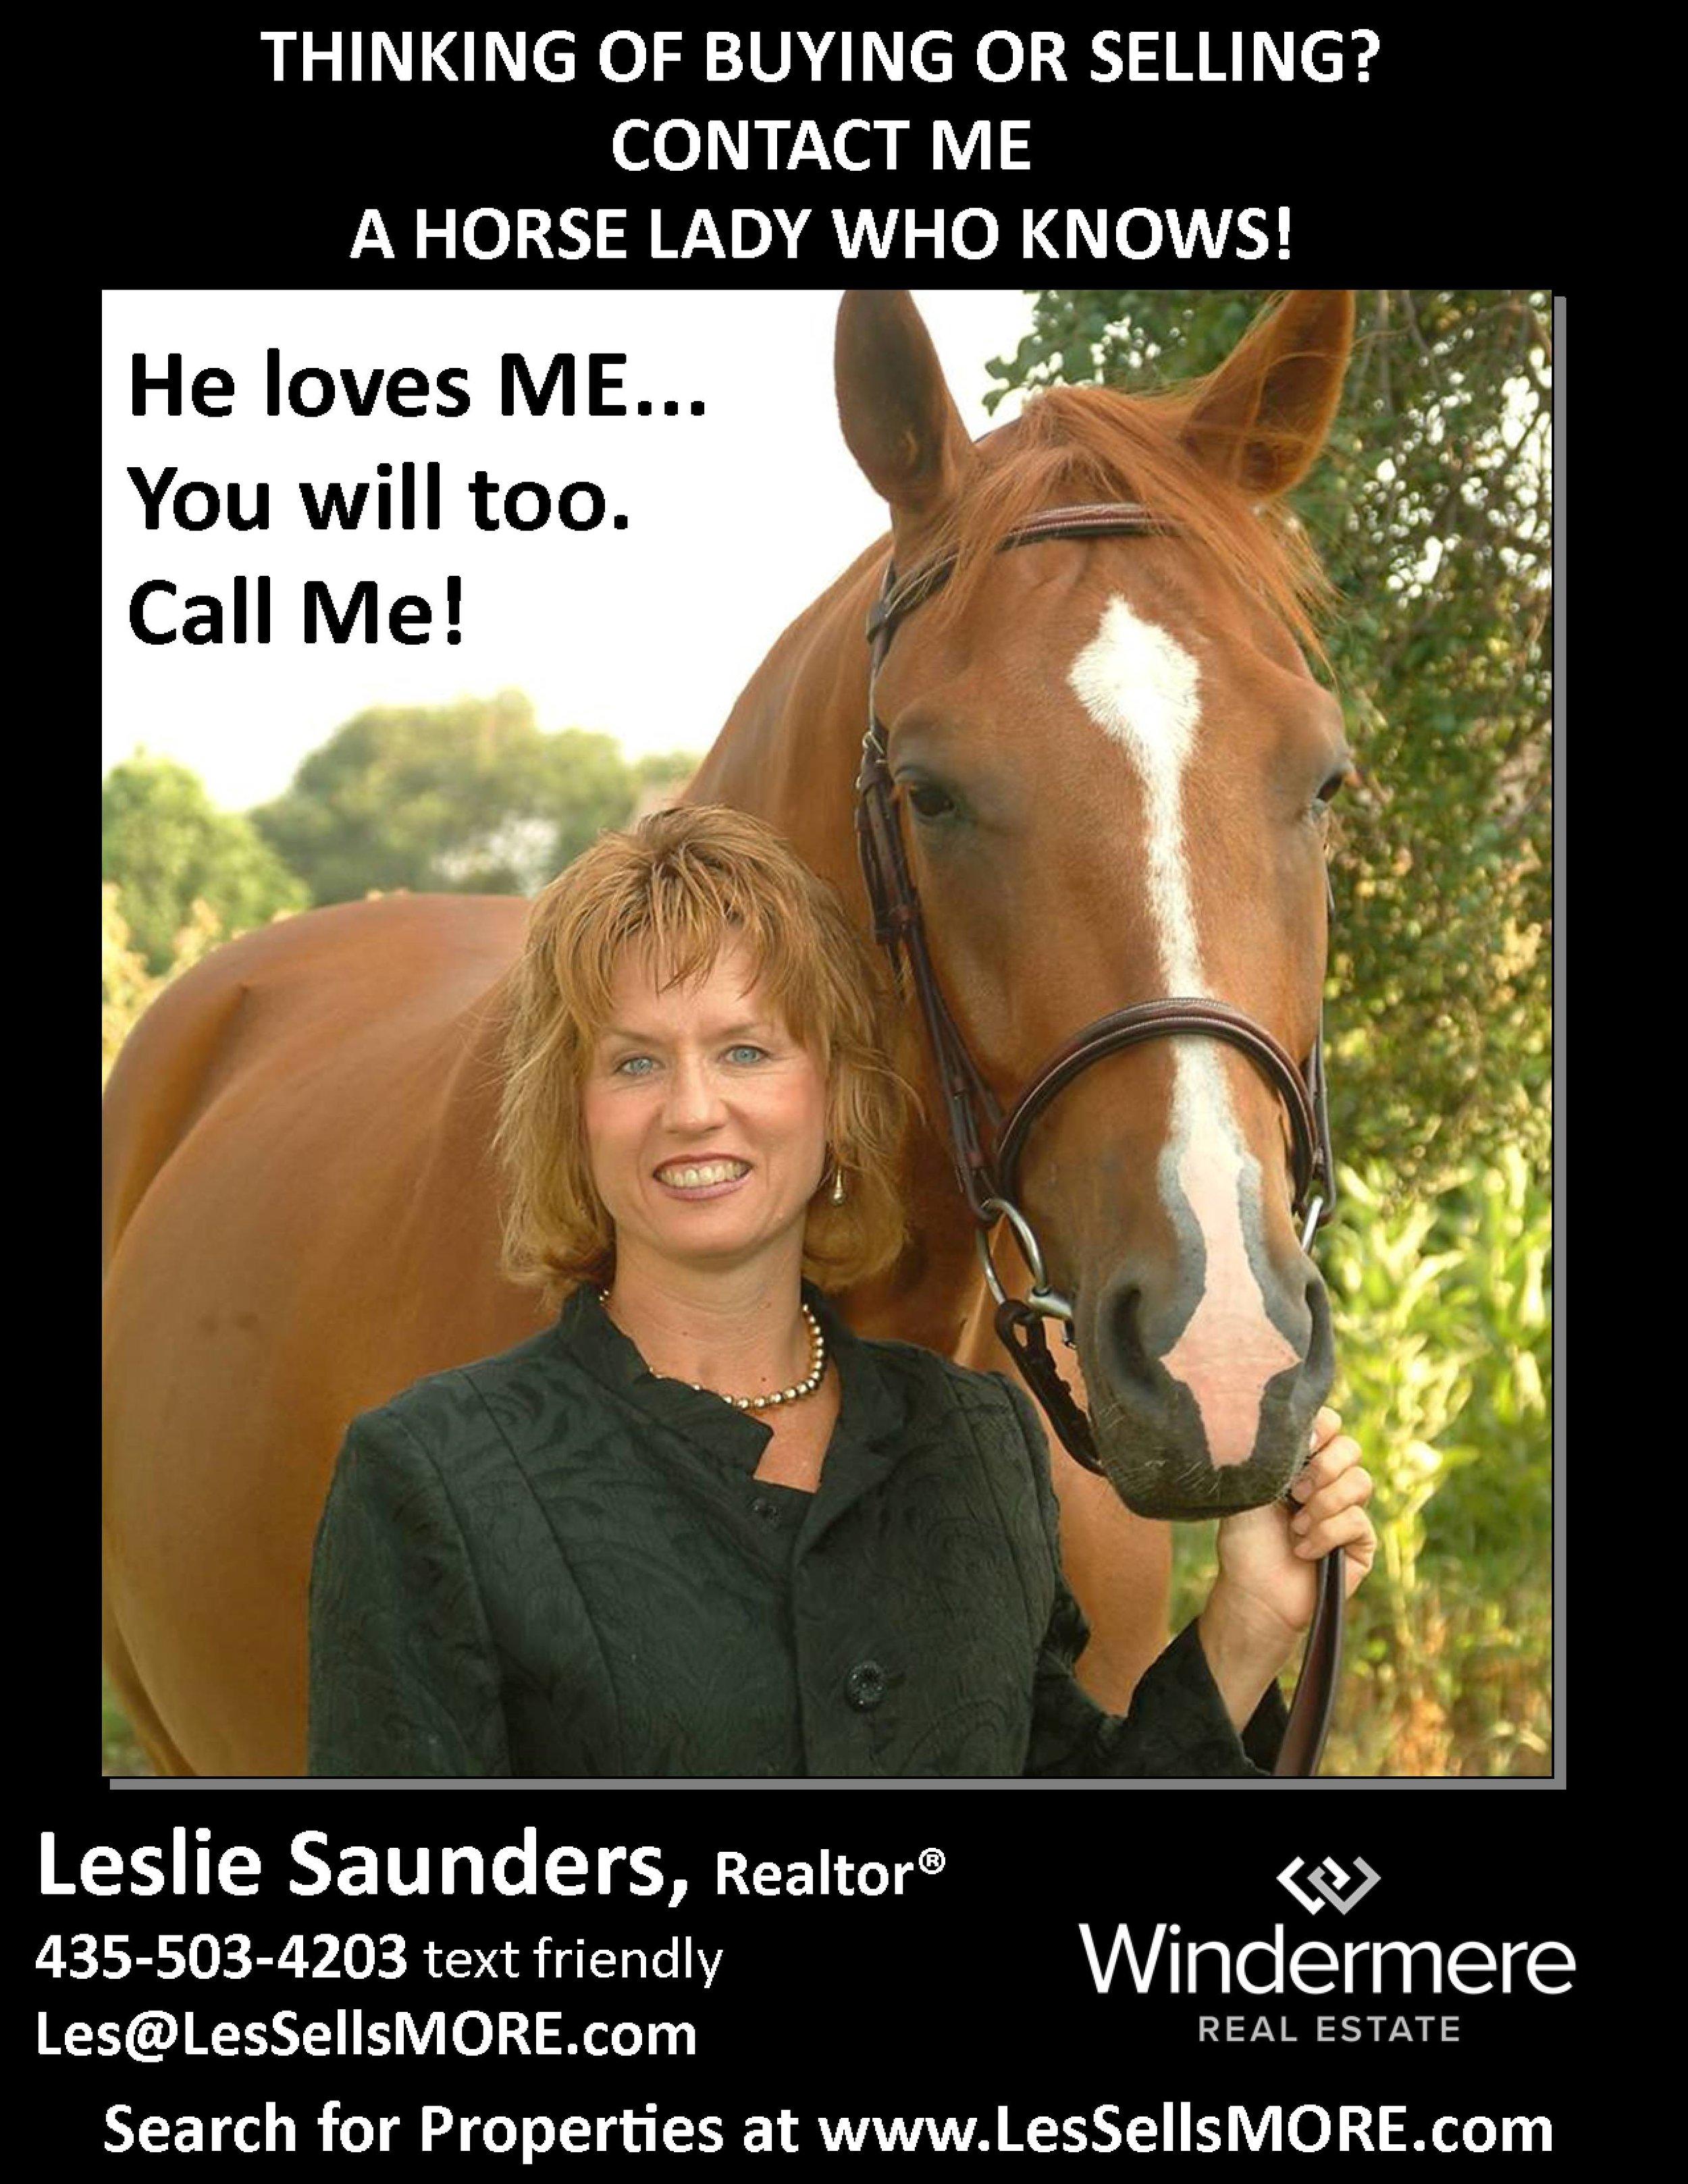 Leslie Saunders, Realtor